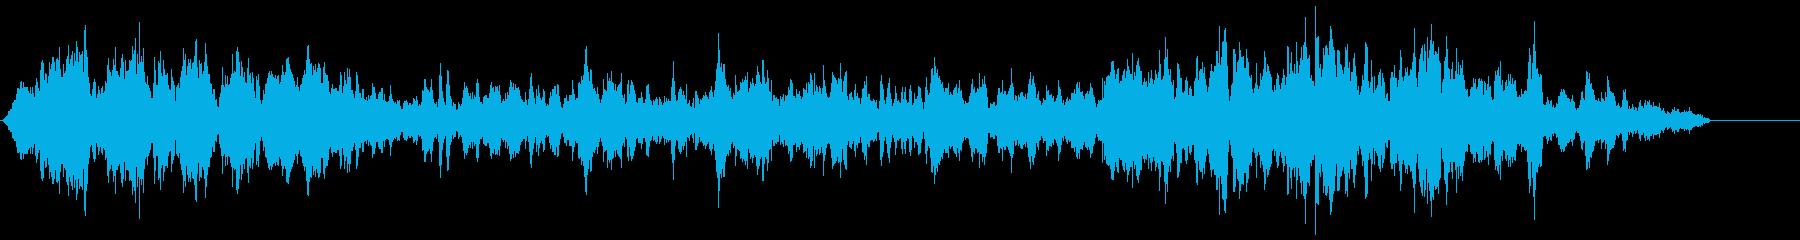 ゾンビ(グループ)攻撃5の再生済みの波形